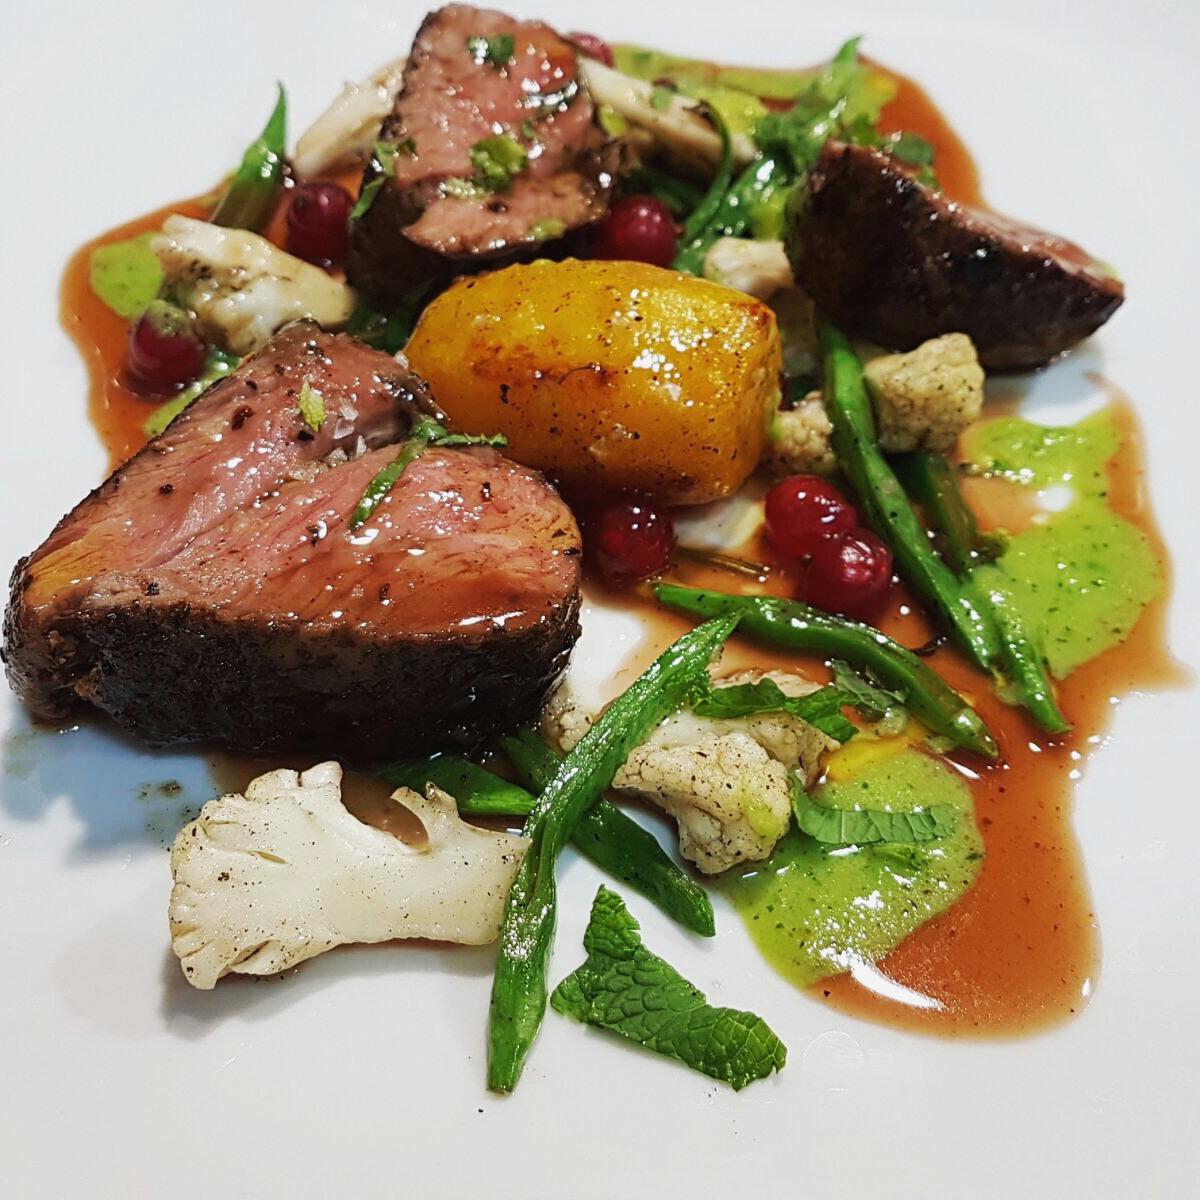 Rump of Irish lamb, pea puree, roasted cauliflower, mint leaves & red current juices